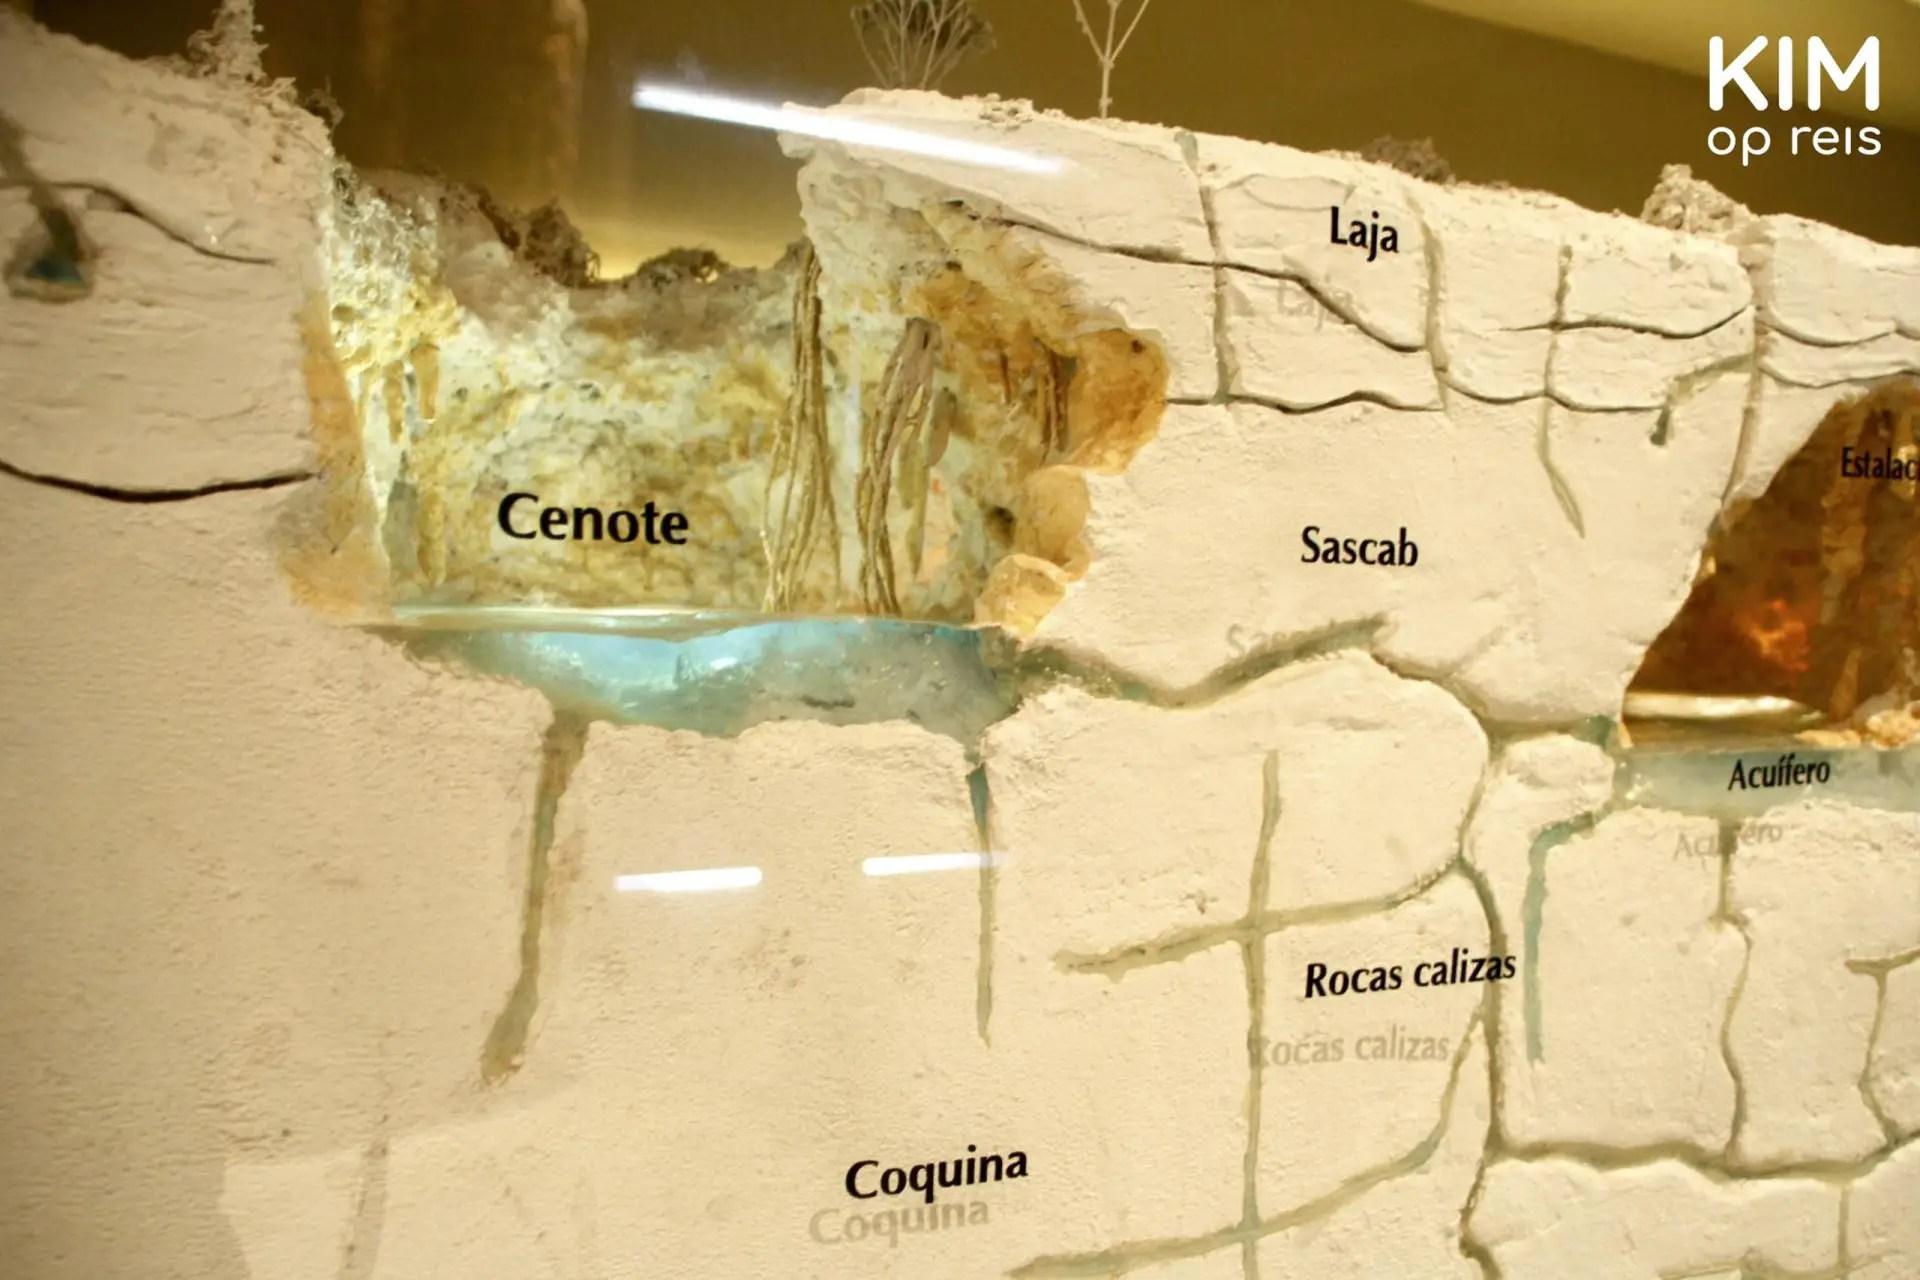 Leren over cenotes in het museum: doorsnede van een cenote zodat je alle aardlagen kunt zien